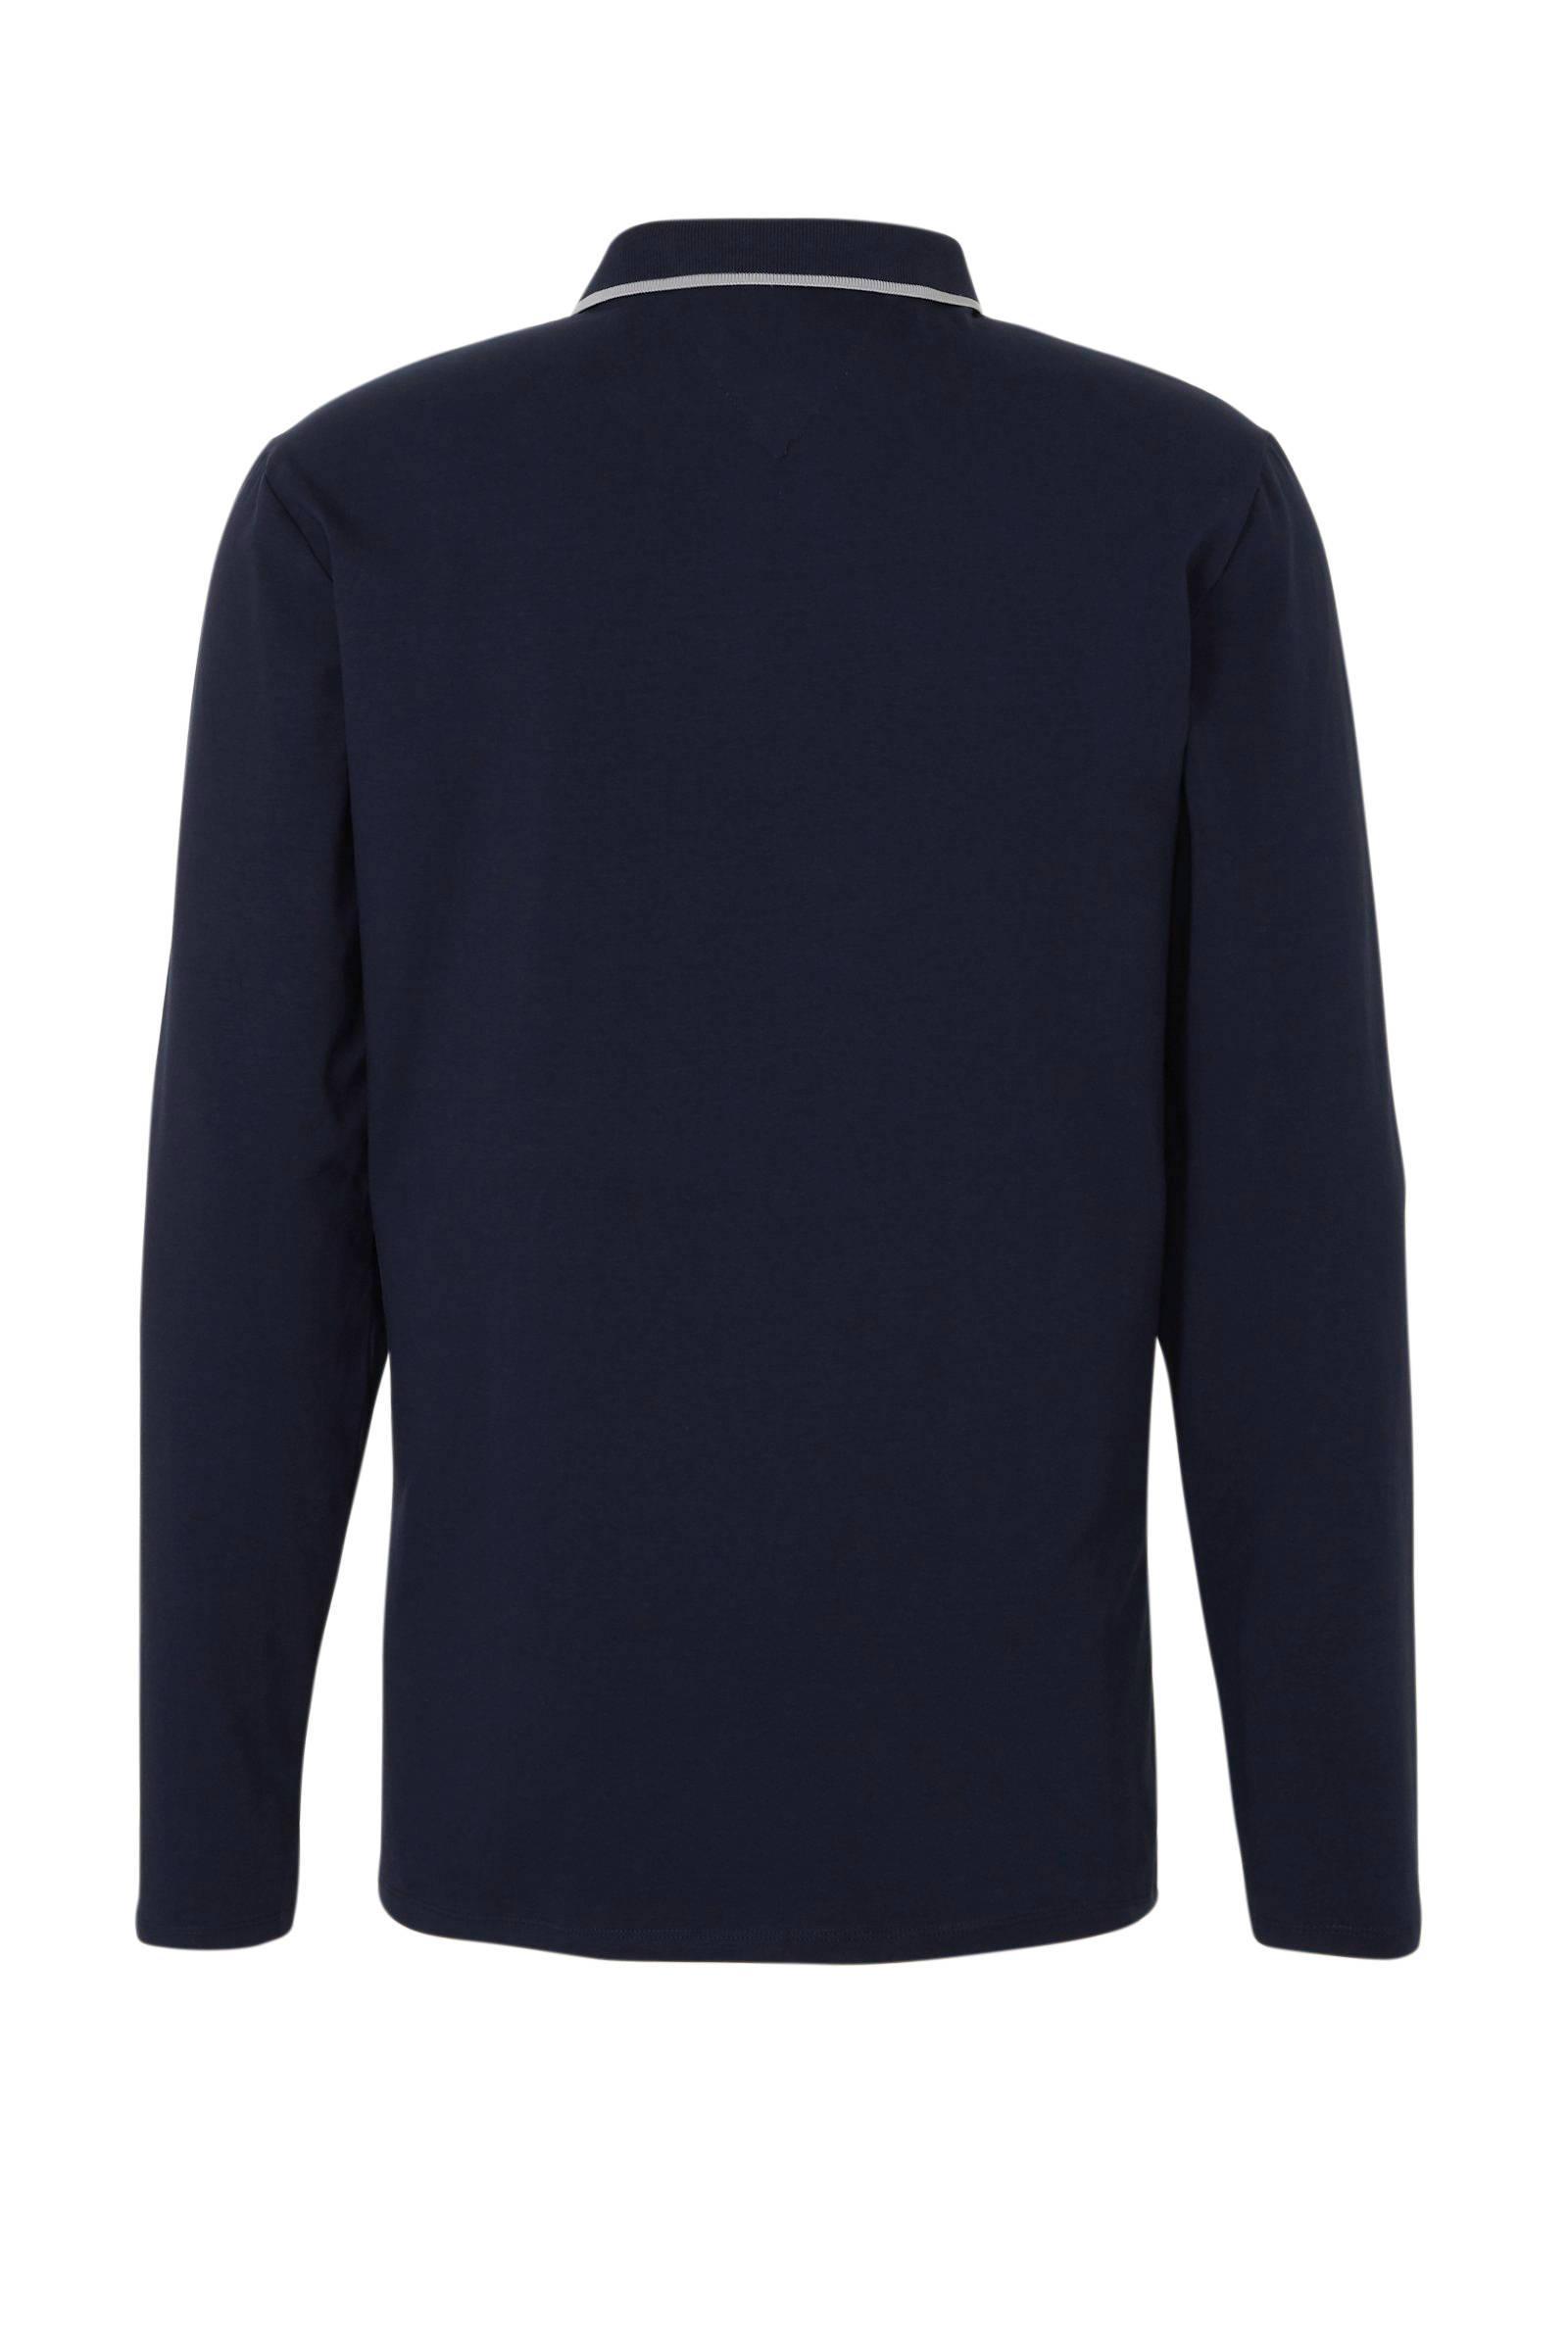 Guess Regular Fit Polo Donkerblauw in het Blauw voor heren